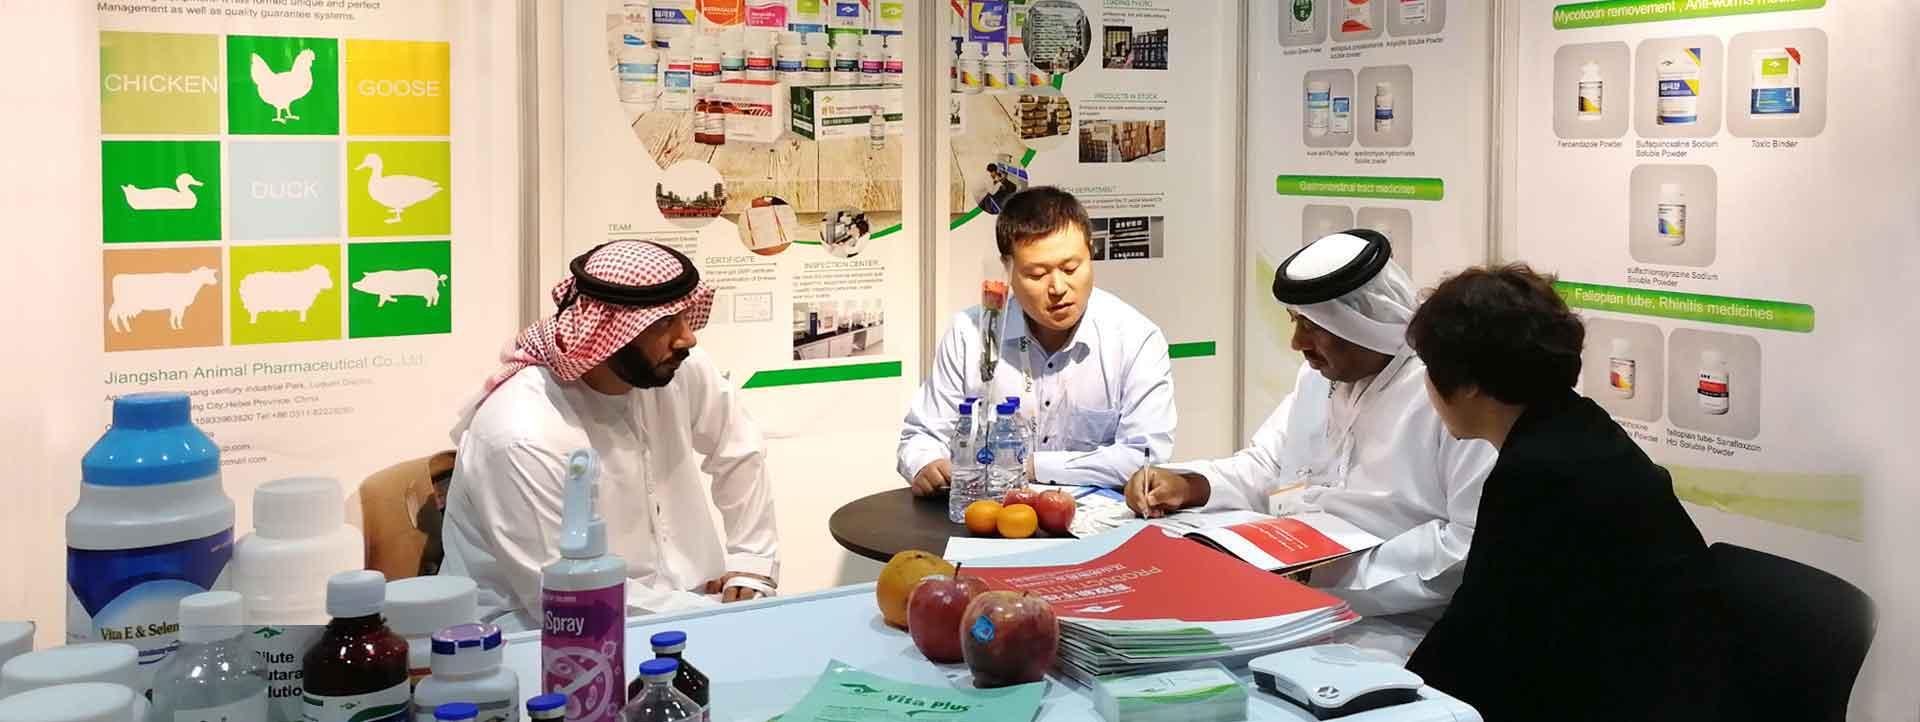 veterinary exhibition